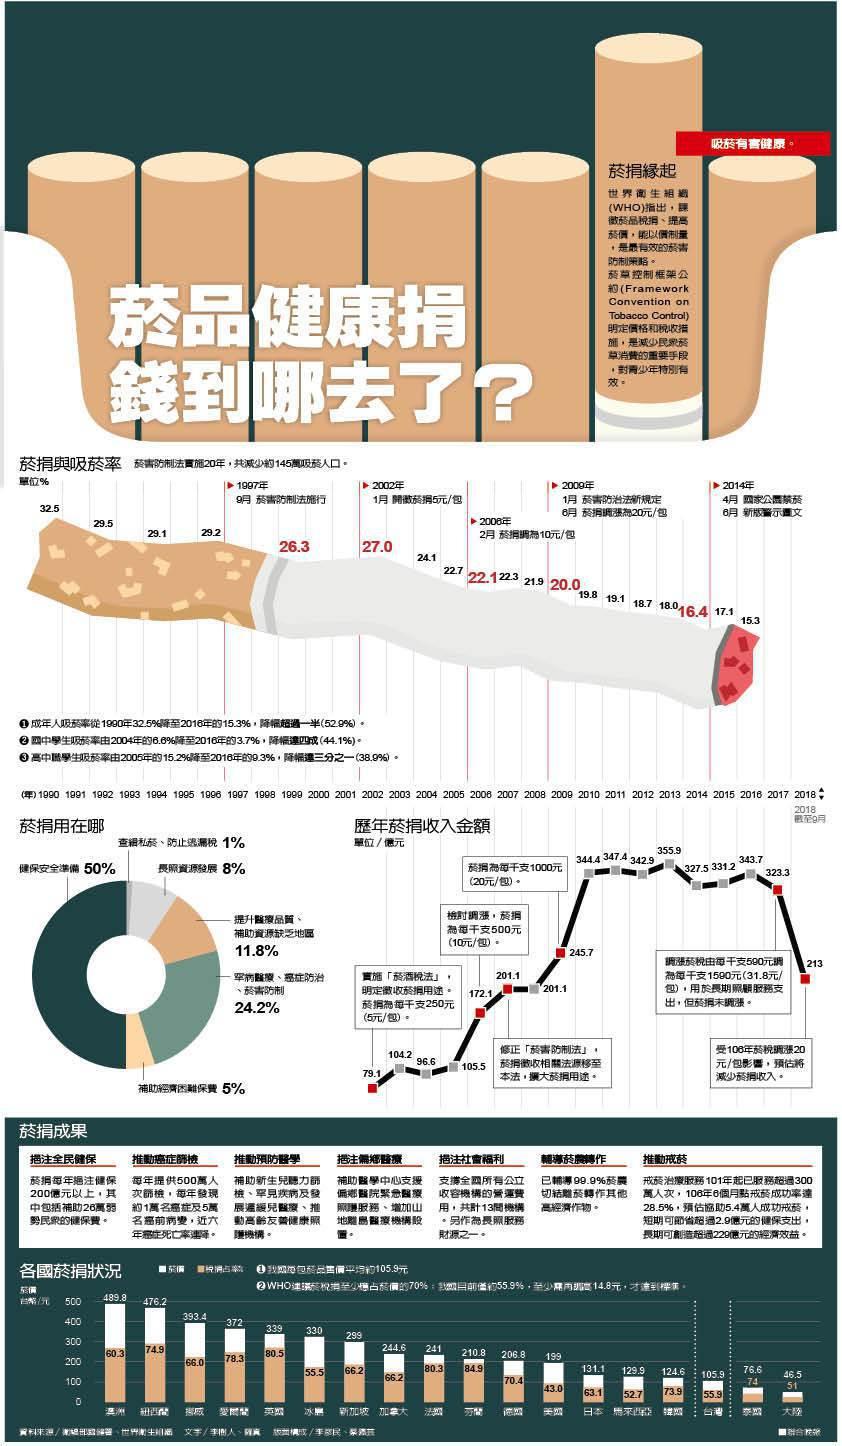 菸品健康捐 錢到哪去了?資料來源/衛福部國健署、世界衛生組織